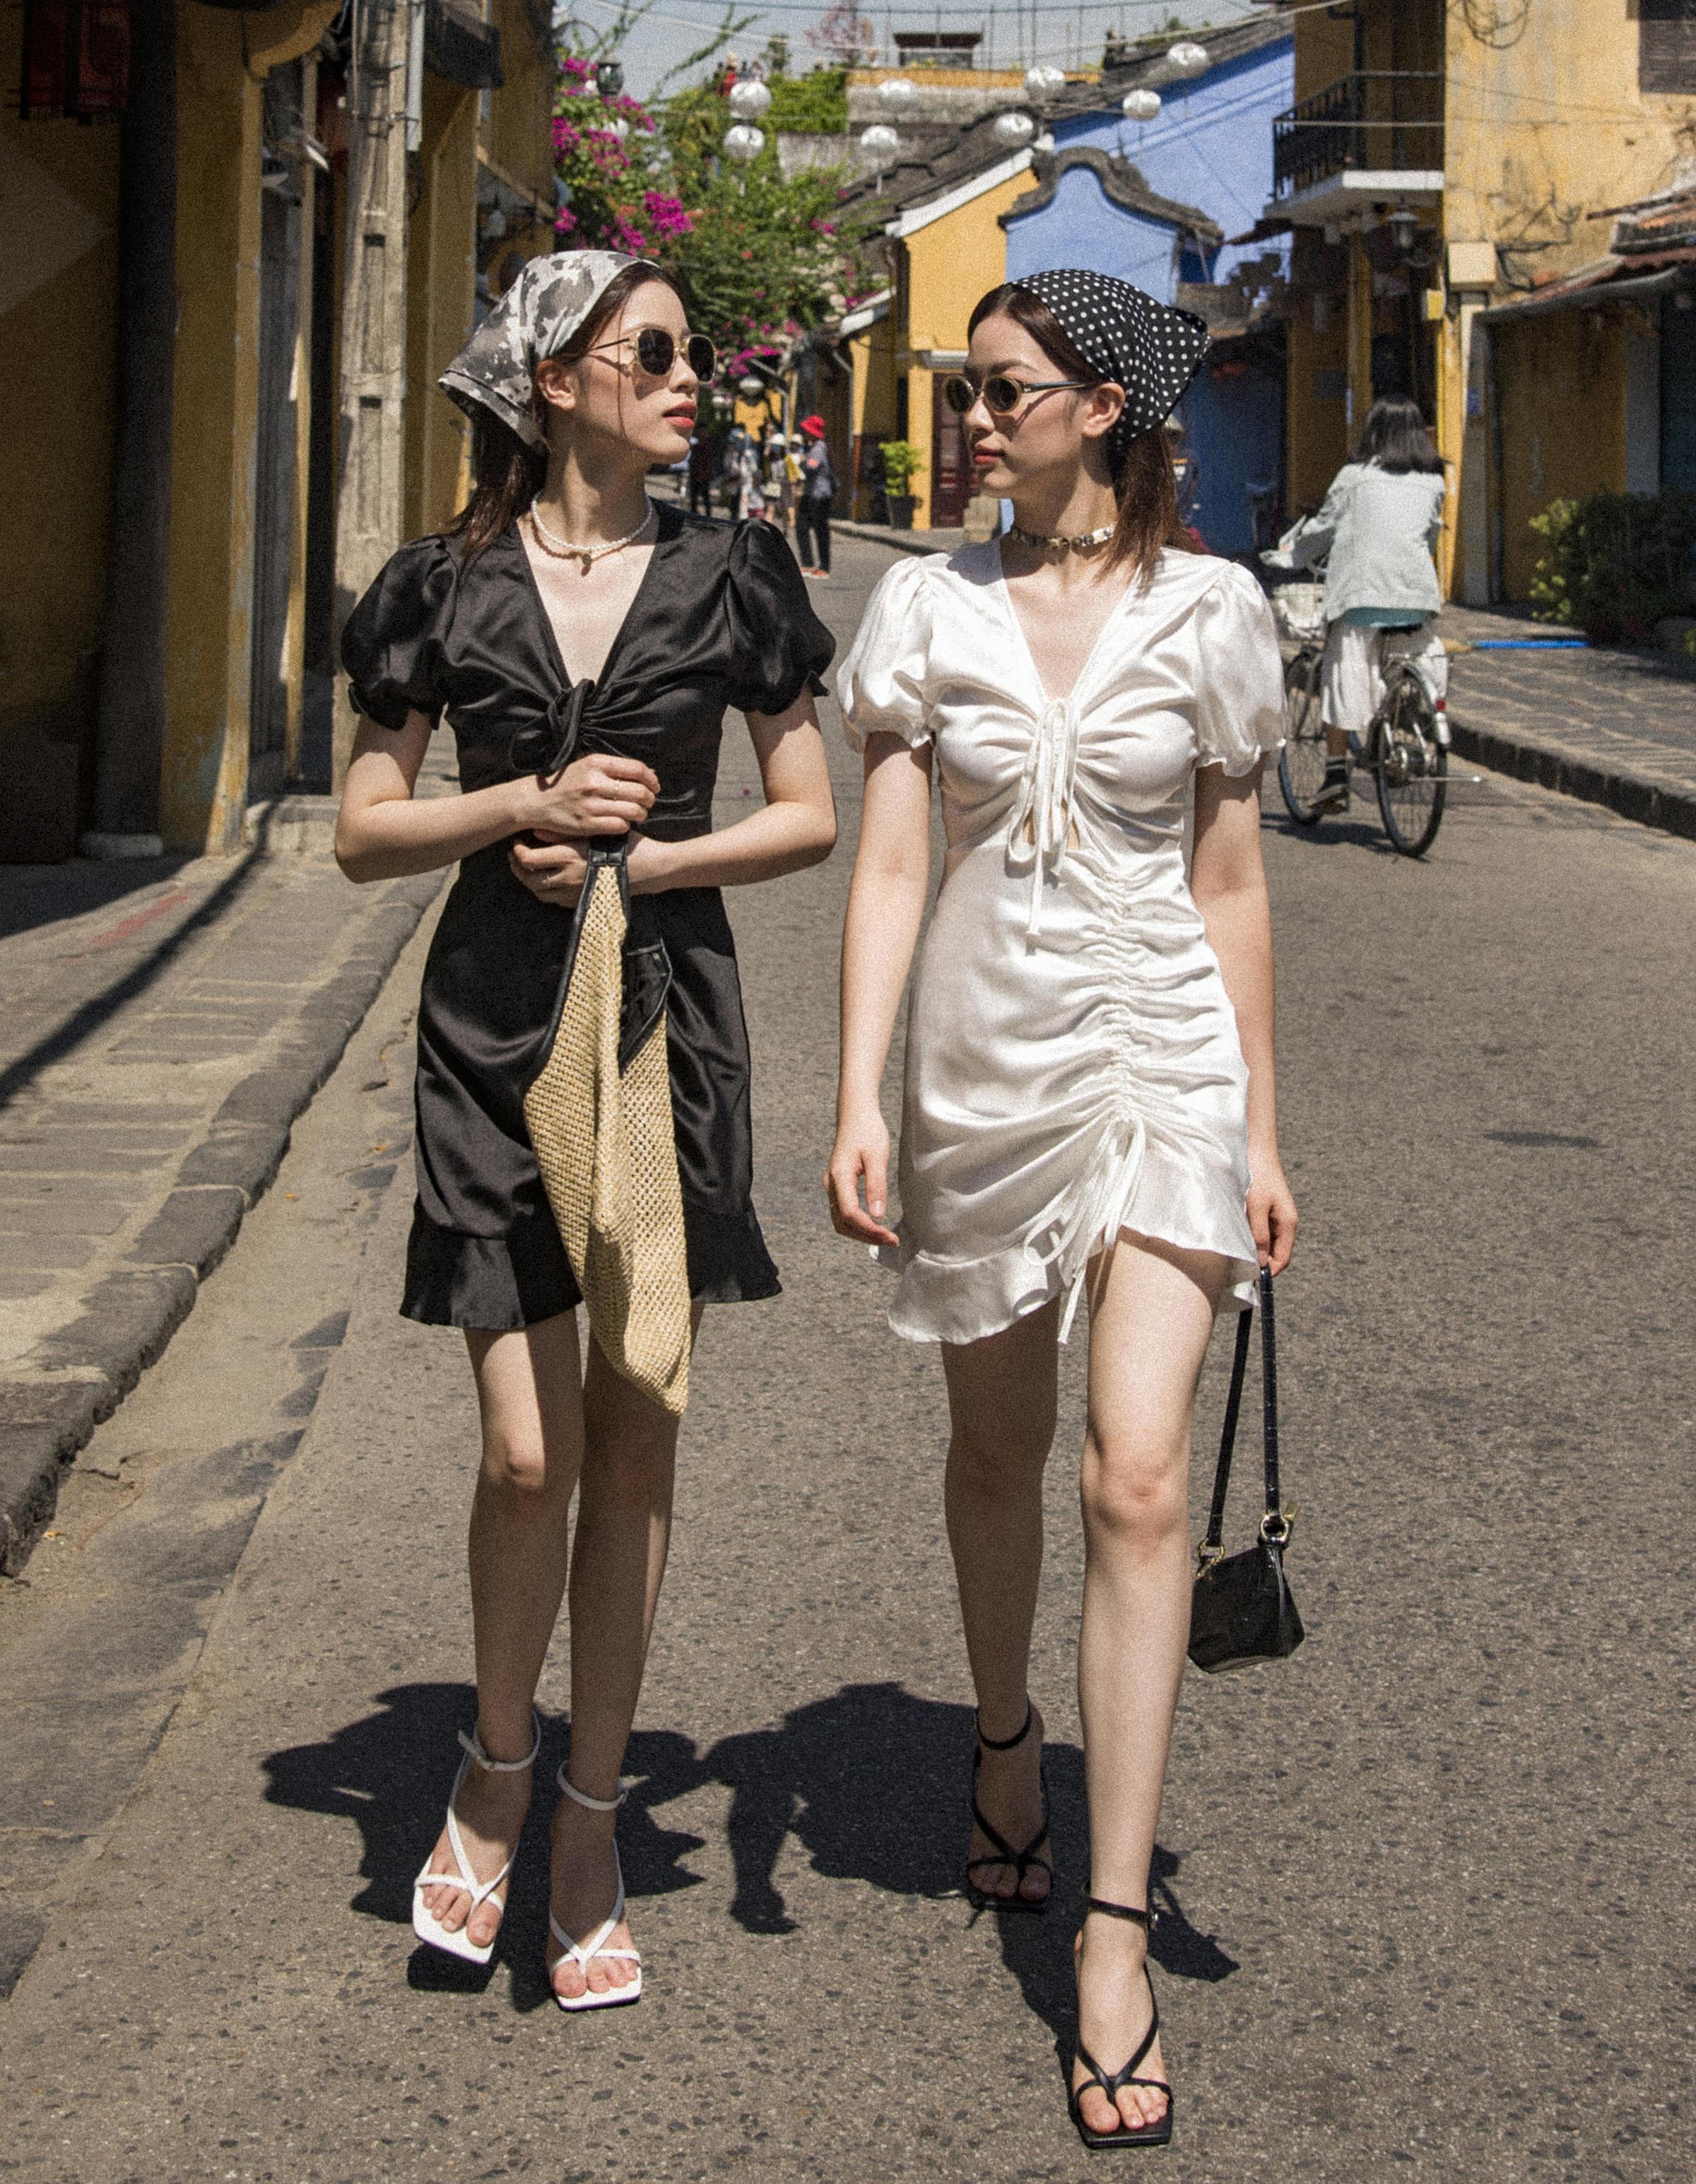 Với tỷ lệ cơ thể đẹp, cặp model sinh đôi dễ dàng chinh phục nhiều kiểu trang phục. Tuy nhiên hai chị em ưa chuộng các kiểu váy trơn màu, không cầu kỳ trong phom dáng.